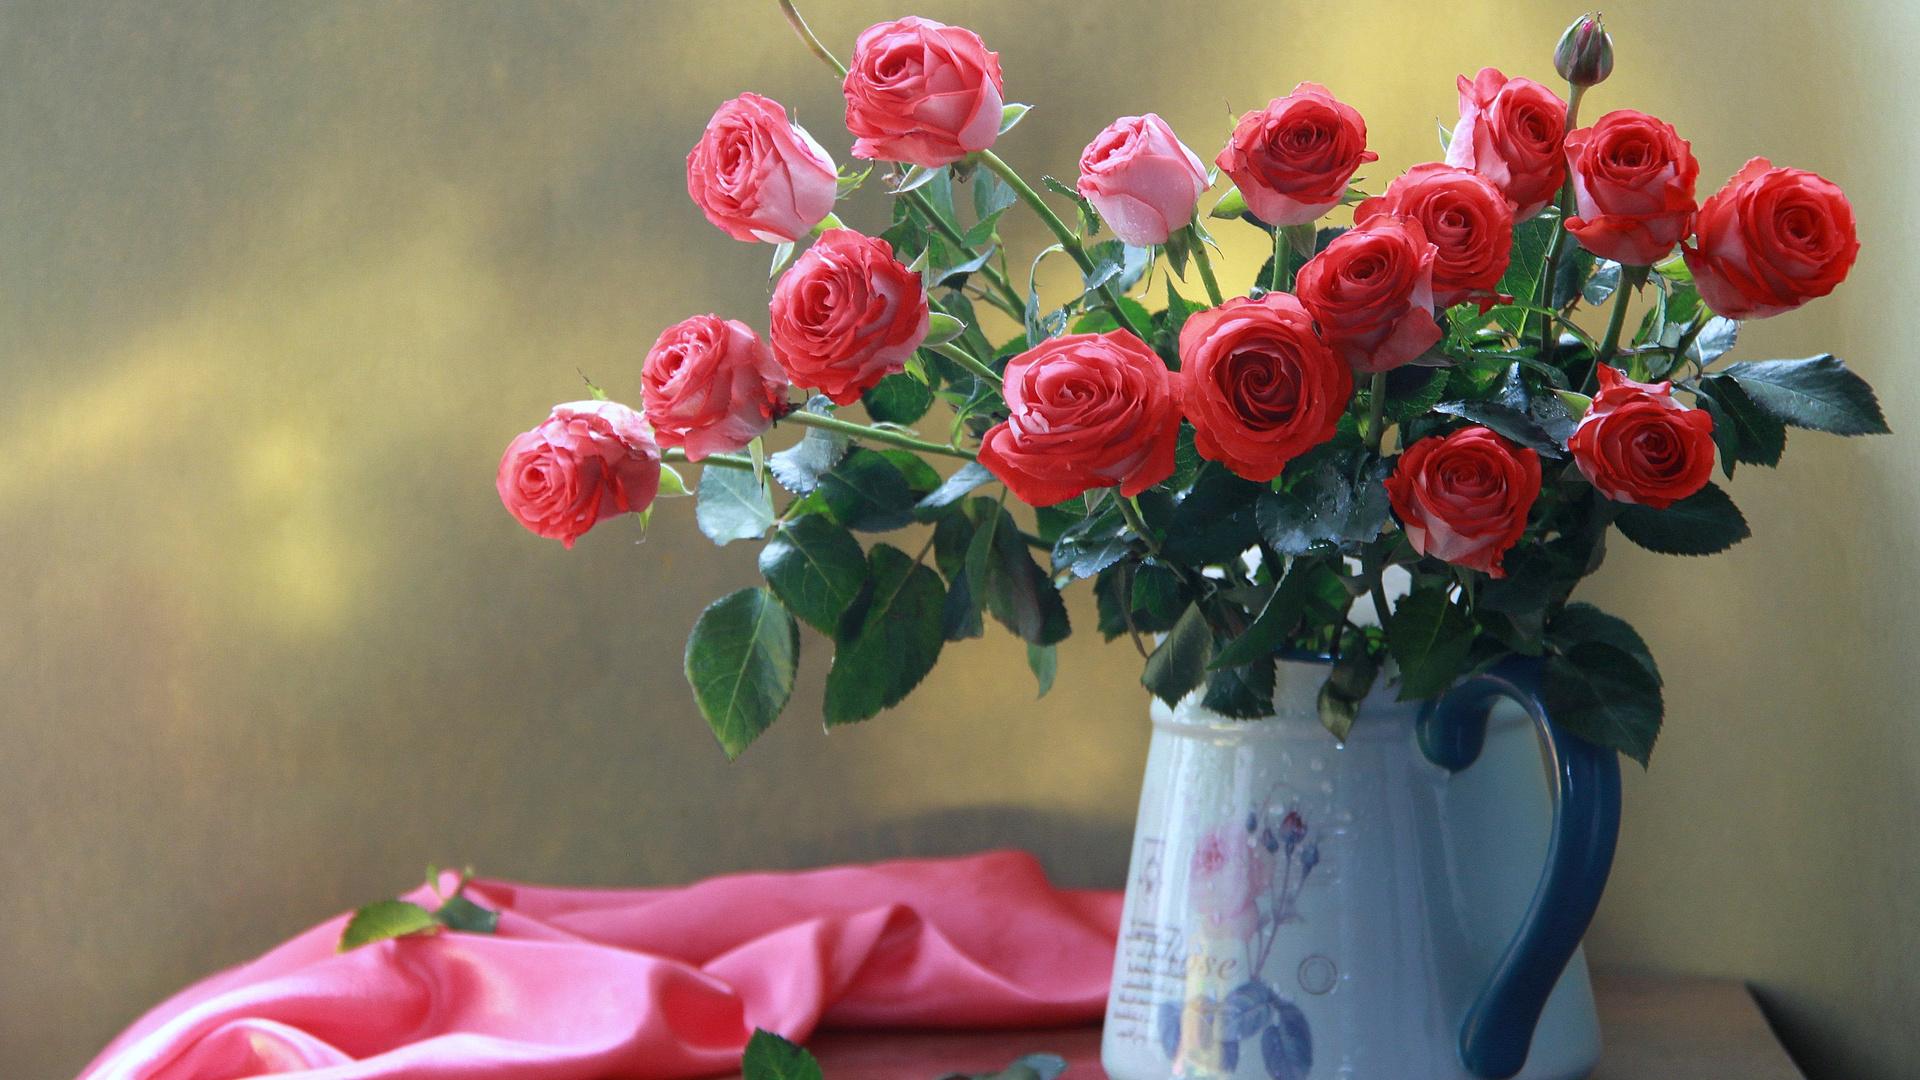 наталья кудрявцева, кувшин, цветы, розы, ткань, листья, бутоны